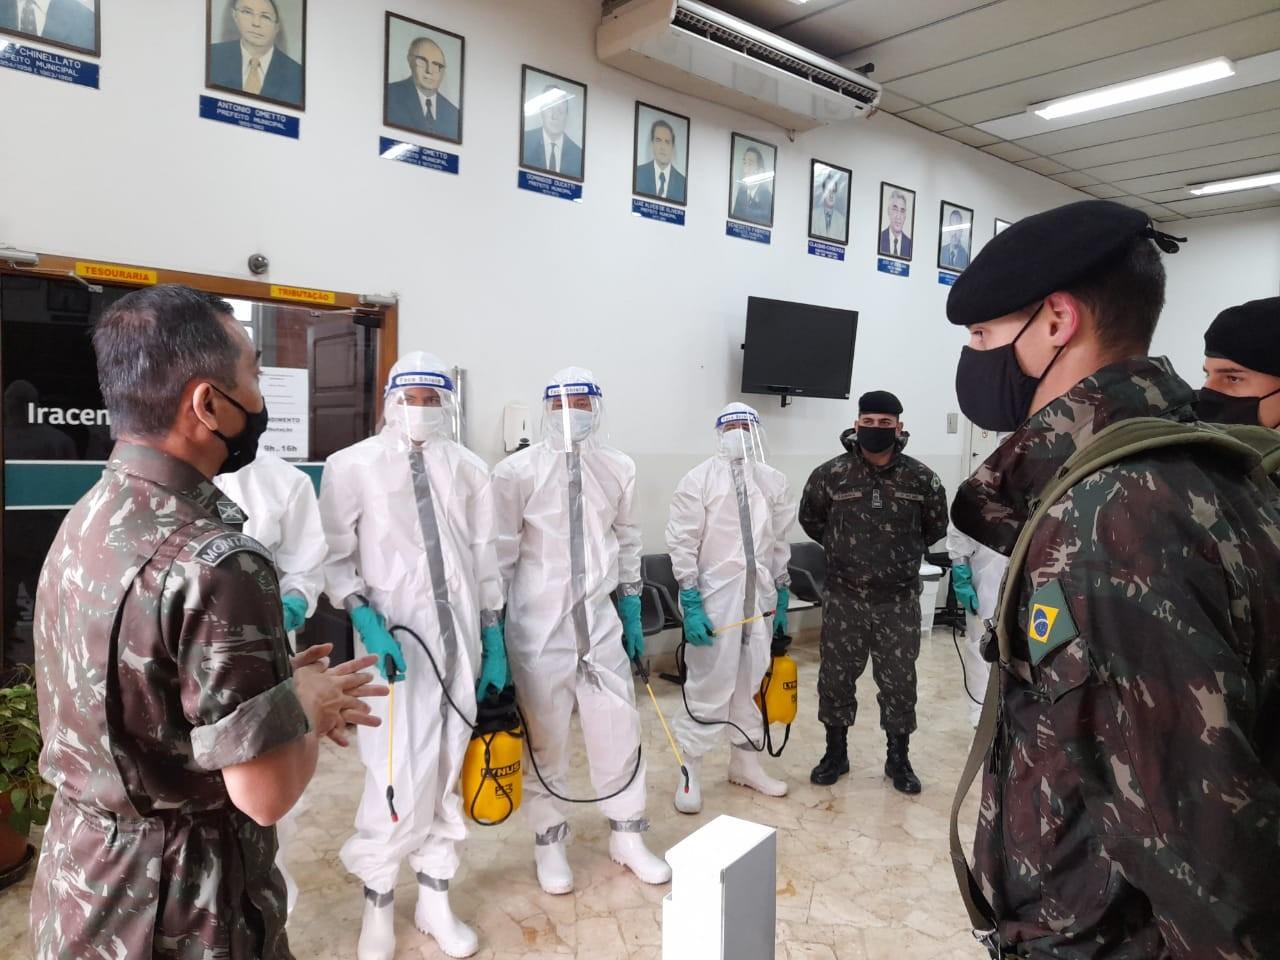 Covid-19: Exército faz desinfecção de prédios públicos em Iracemápolis